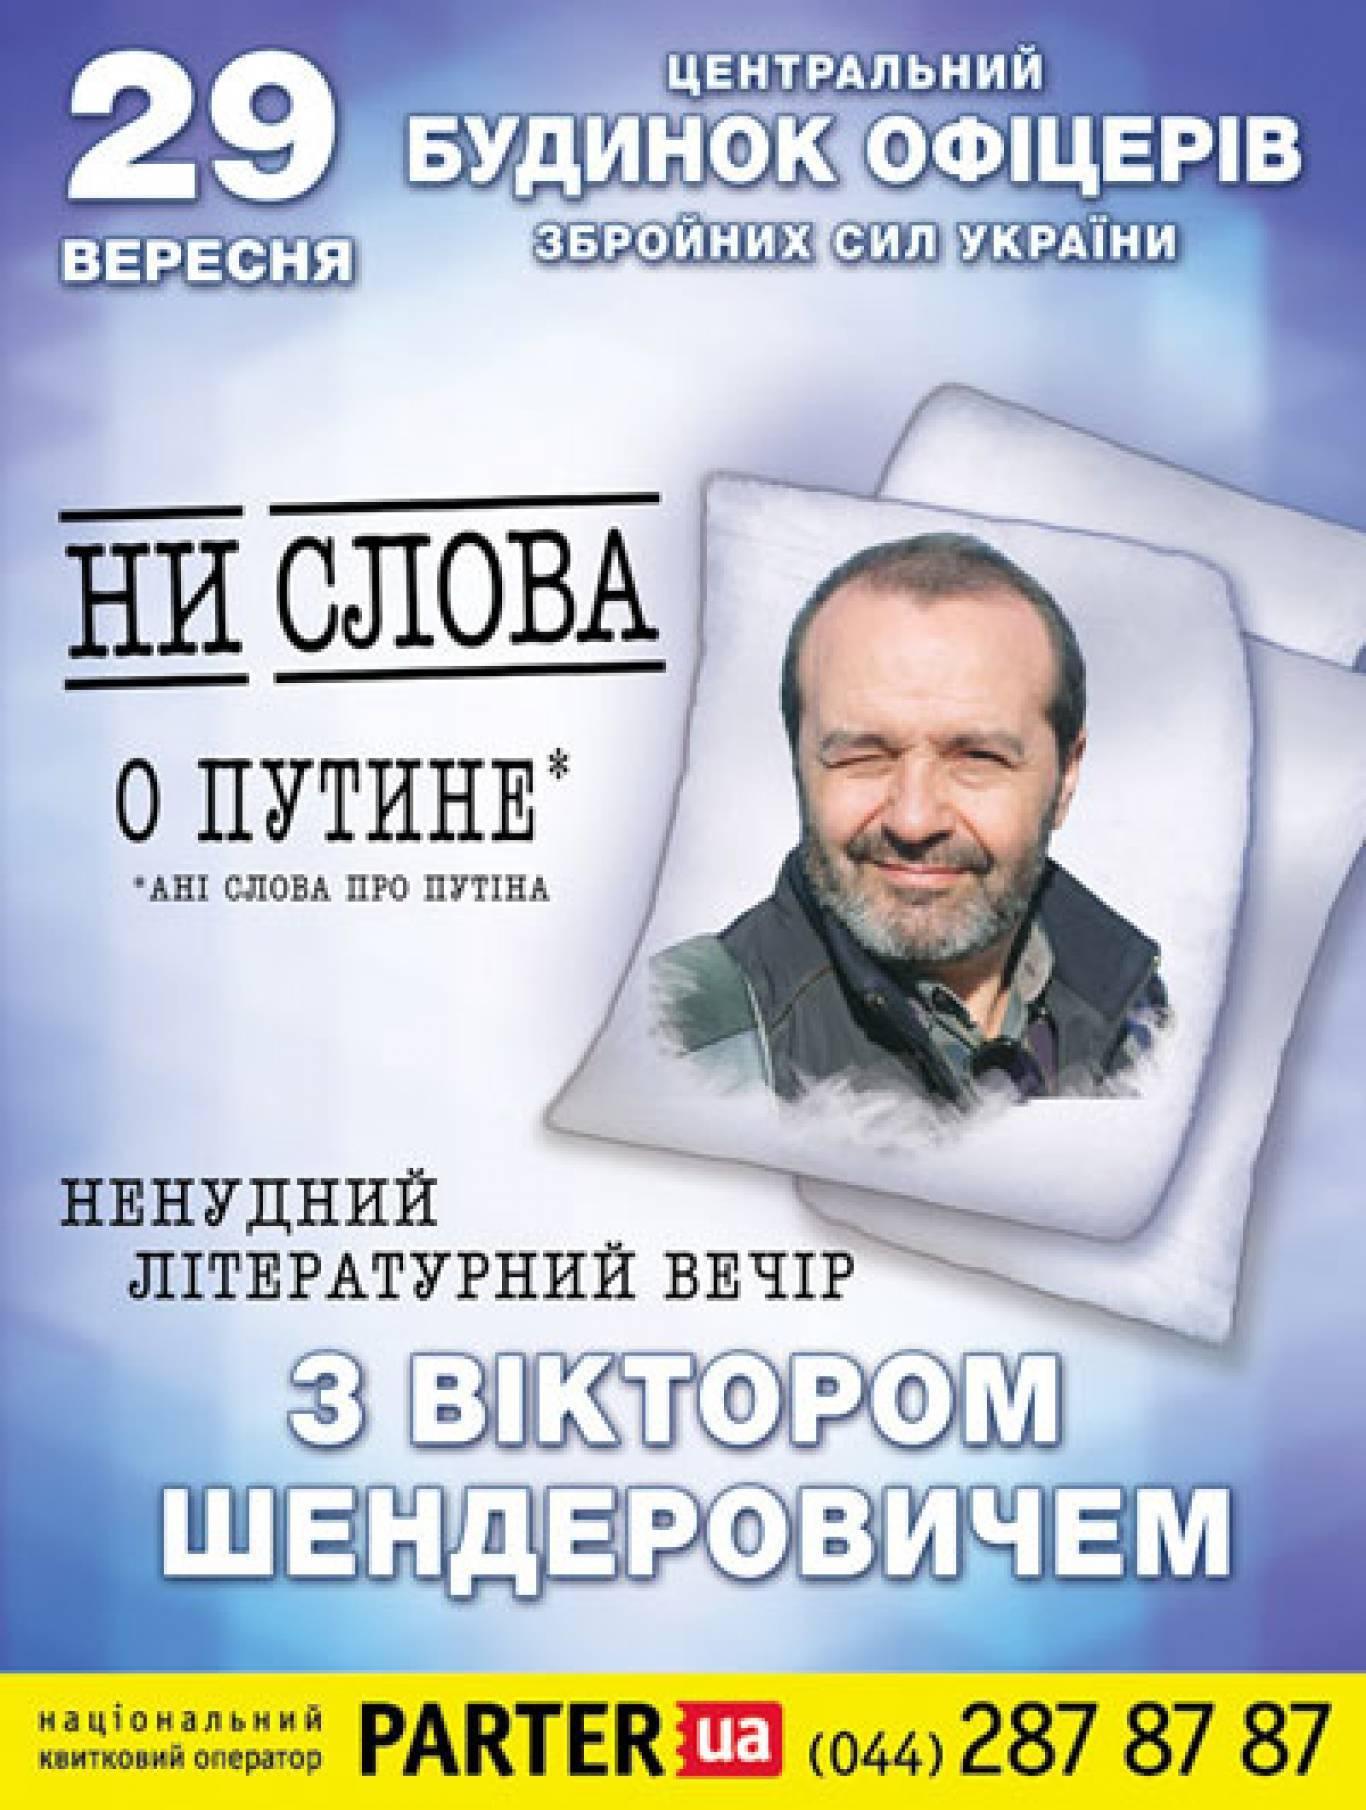 Віктор Шендерович: «Ненудний літературний вечір» у Будинку офіцерів